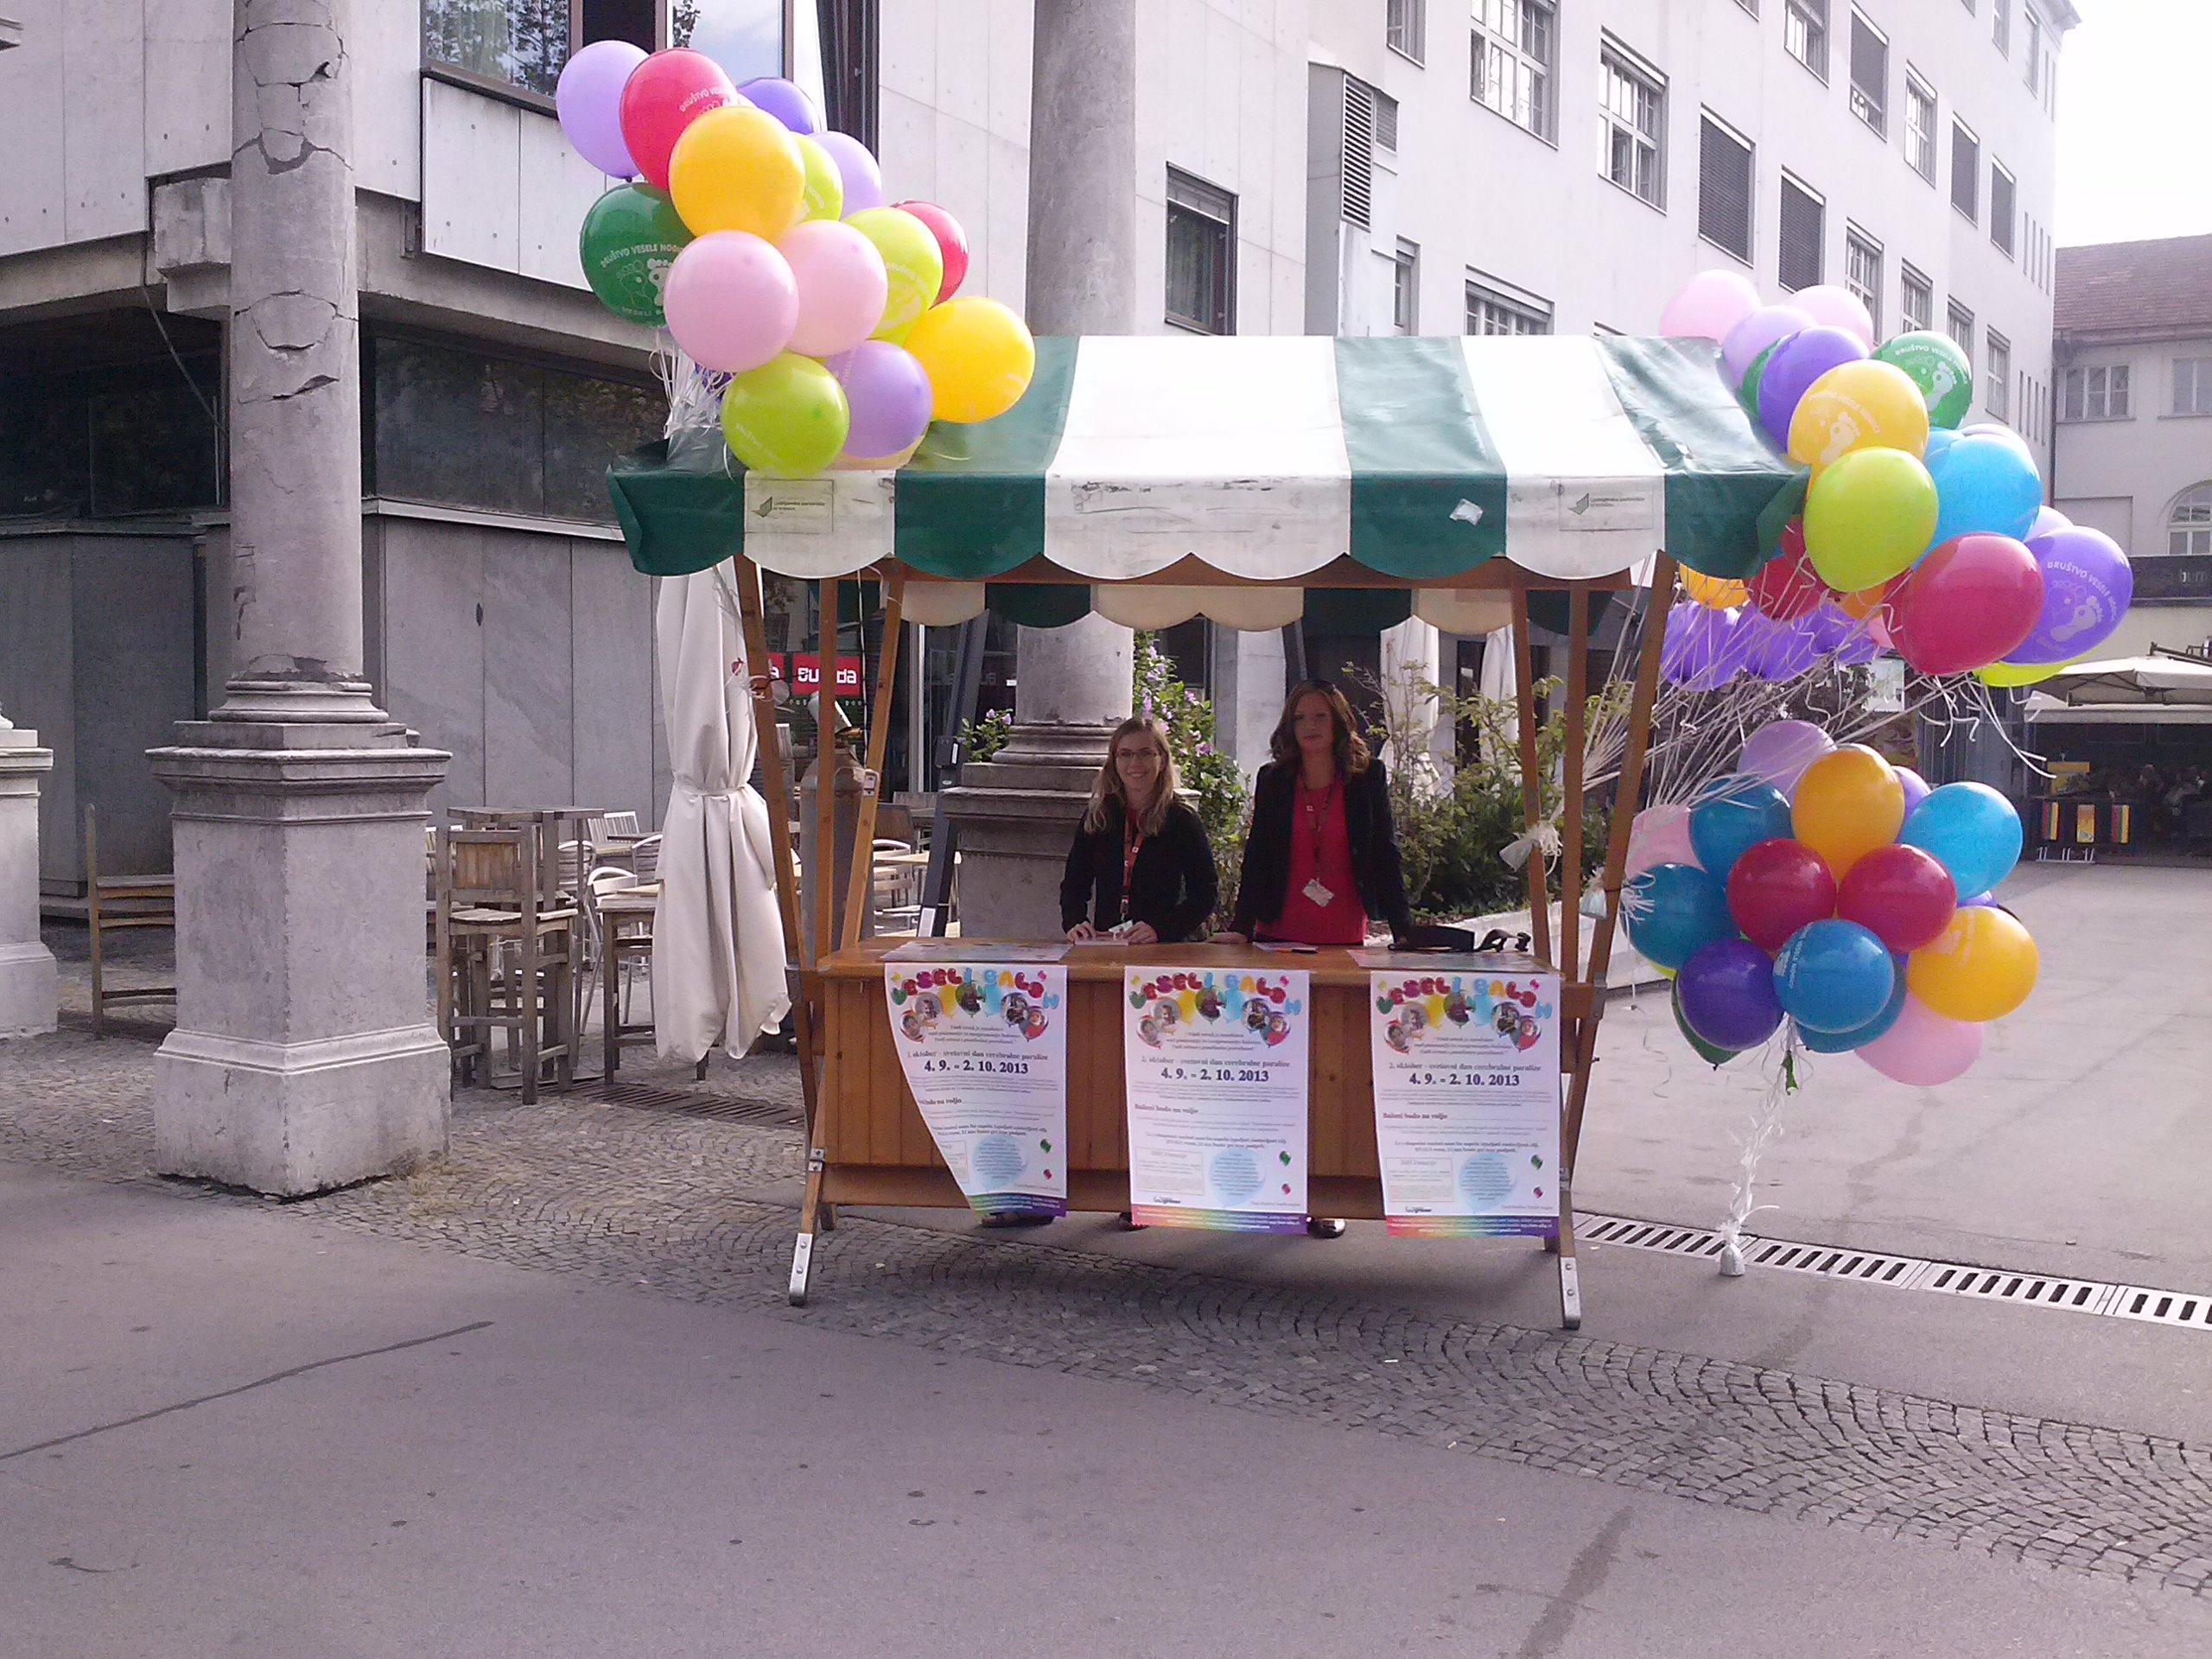 Veseli balon 4.9.2013 pred trgovino Maxi